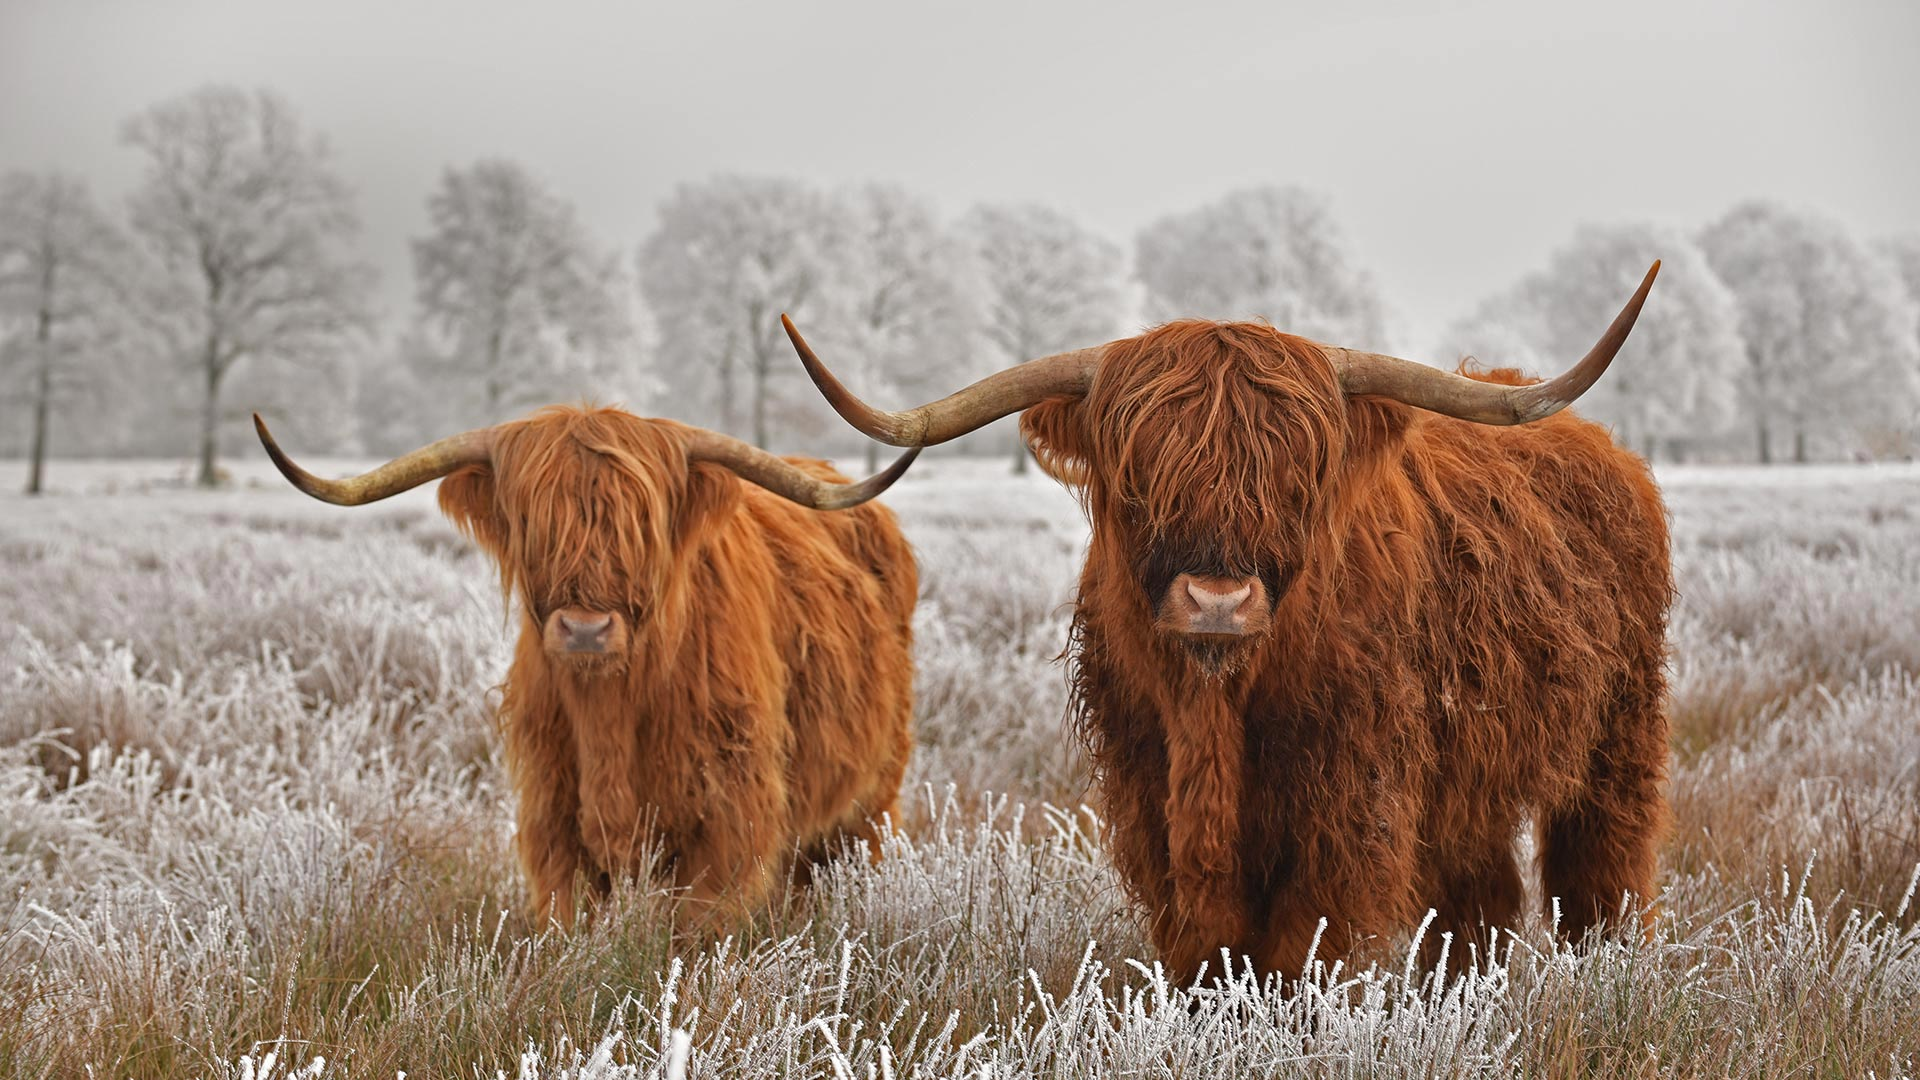 Hairy Highlanders